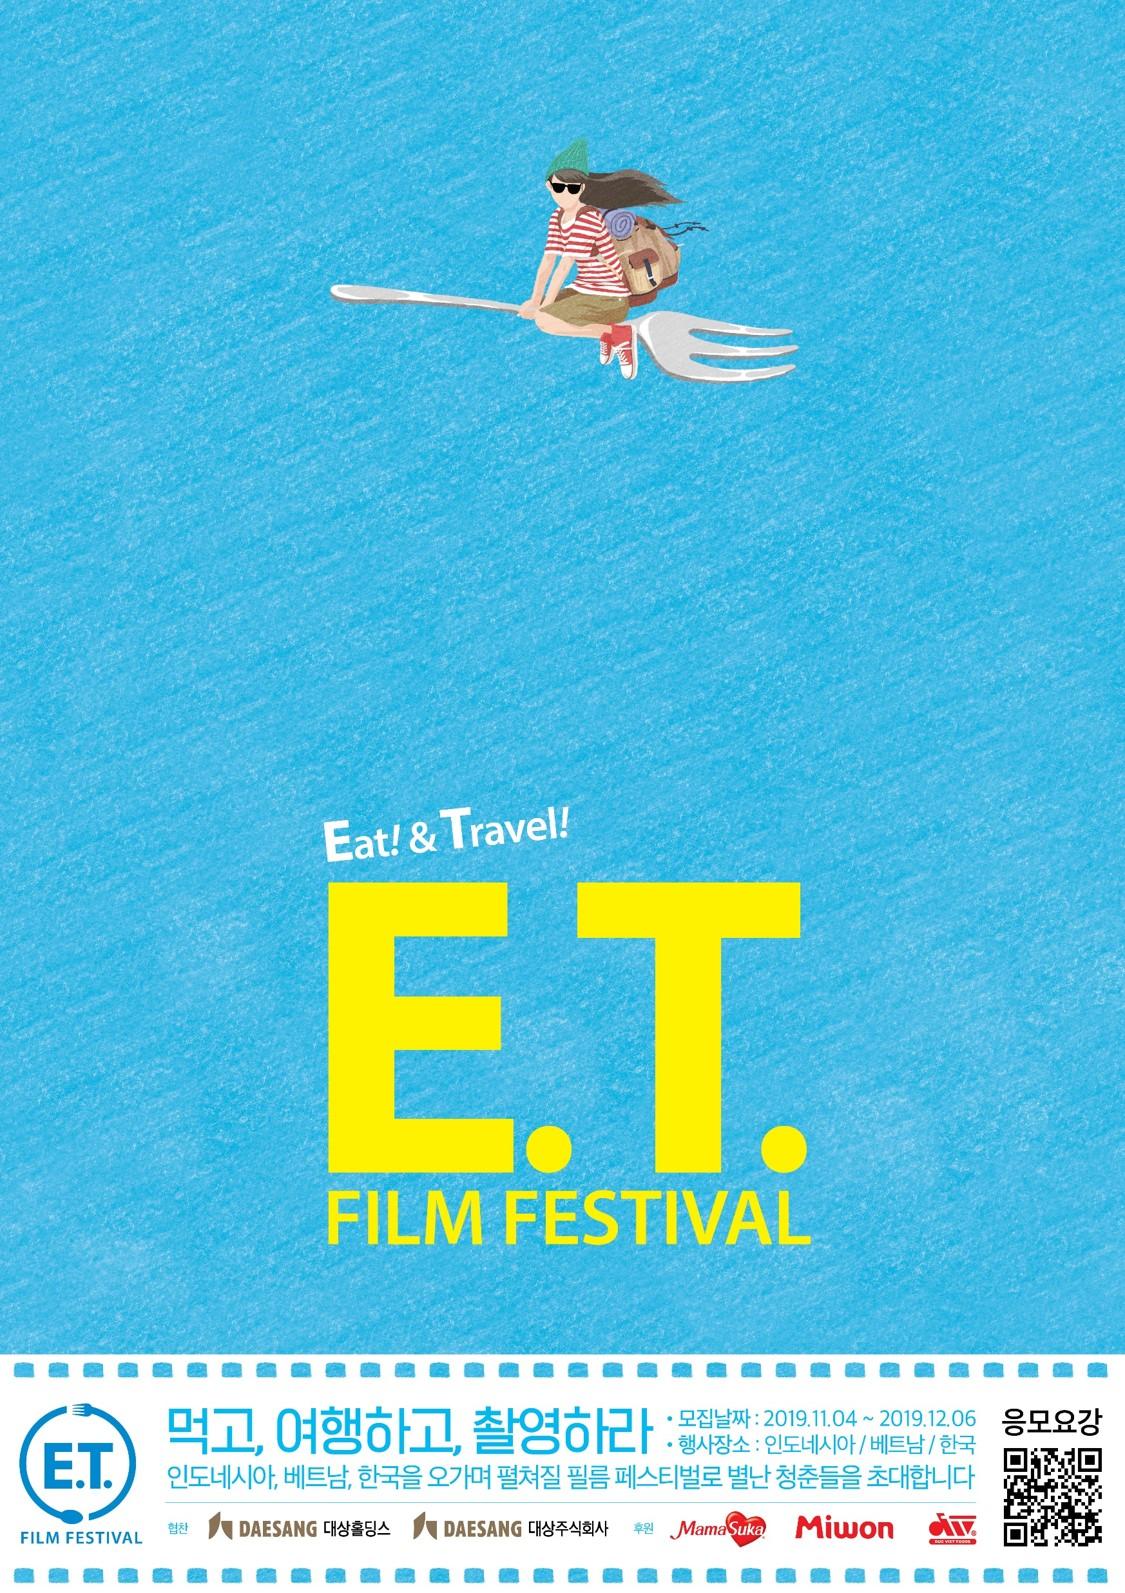 [대상그룹]E.T. FILM FESTIVAL